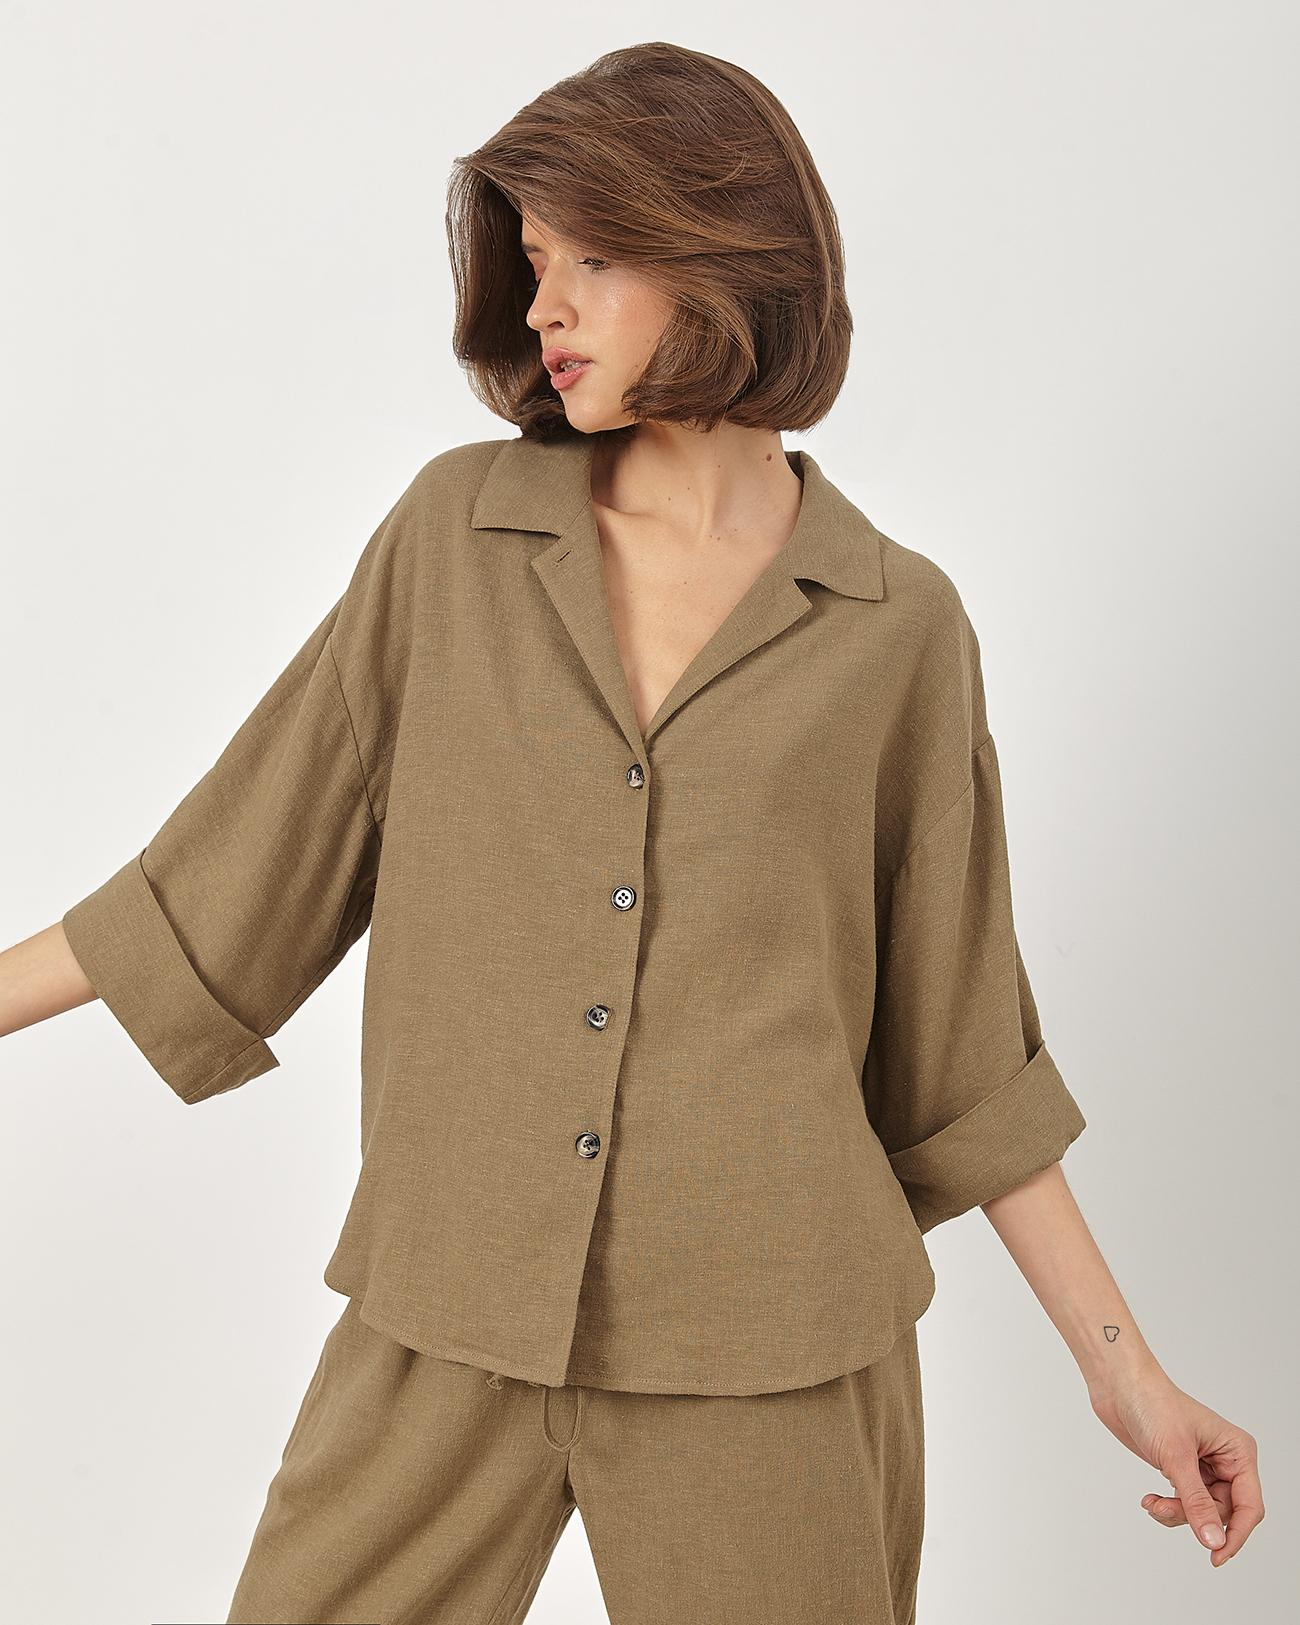 Рубашка укороченная изо льна цвета хаки фото